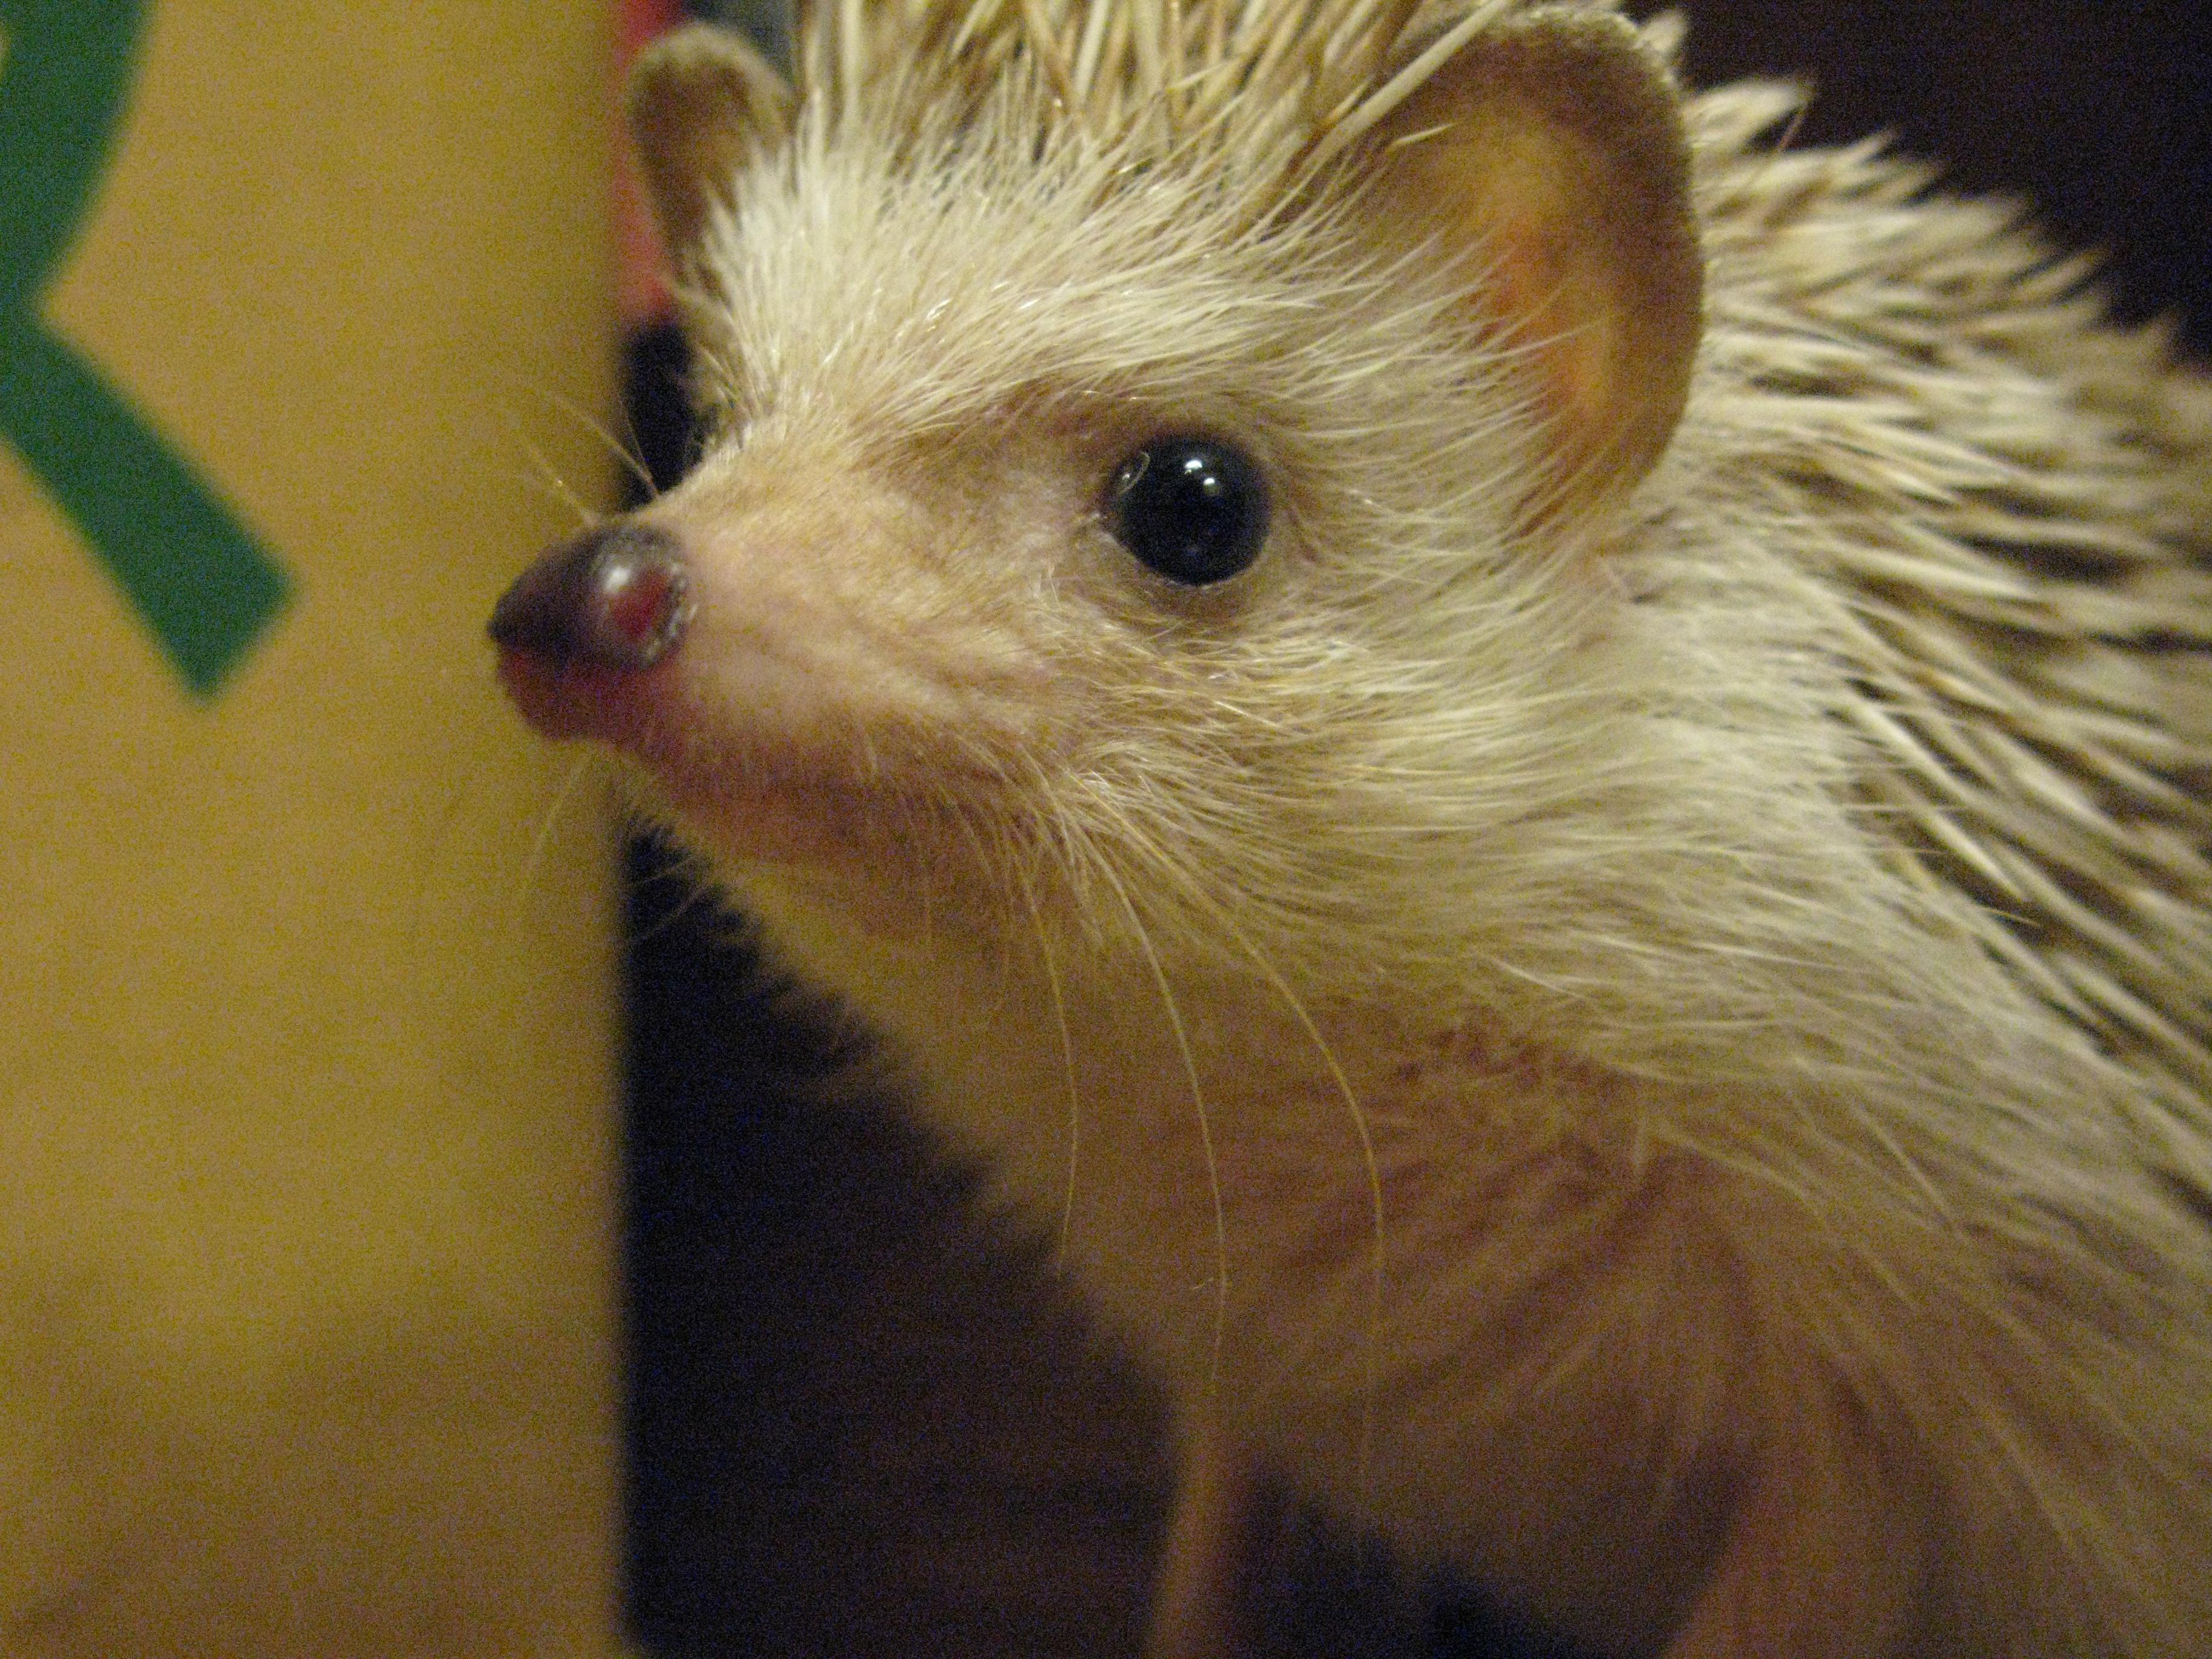 Hedgehog closeup photo